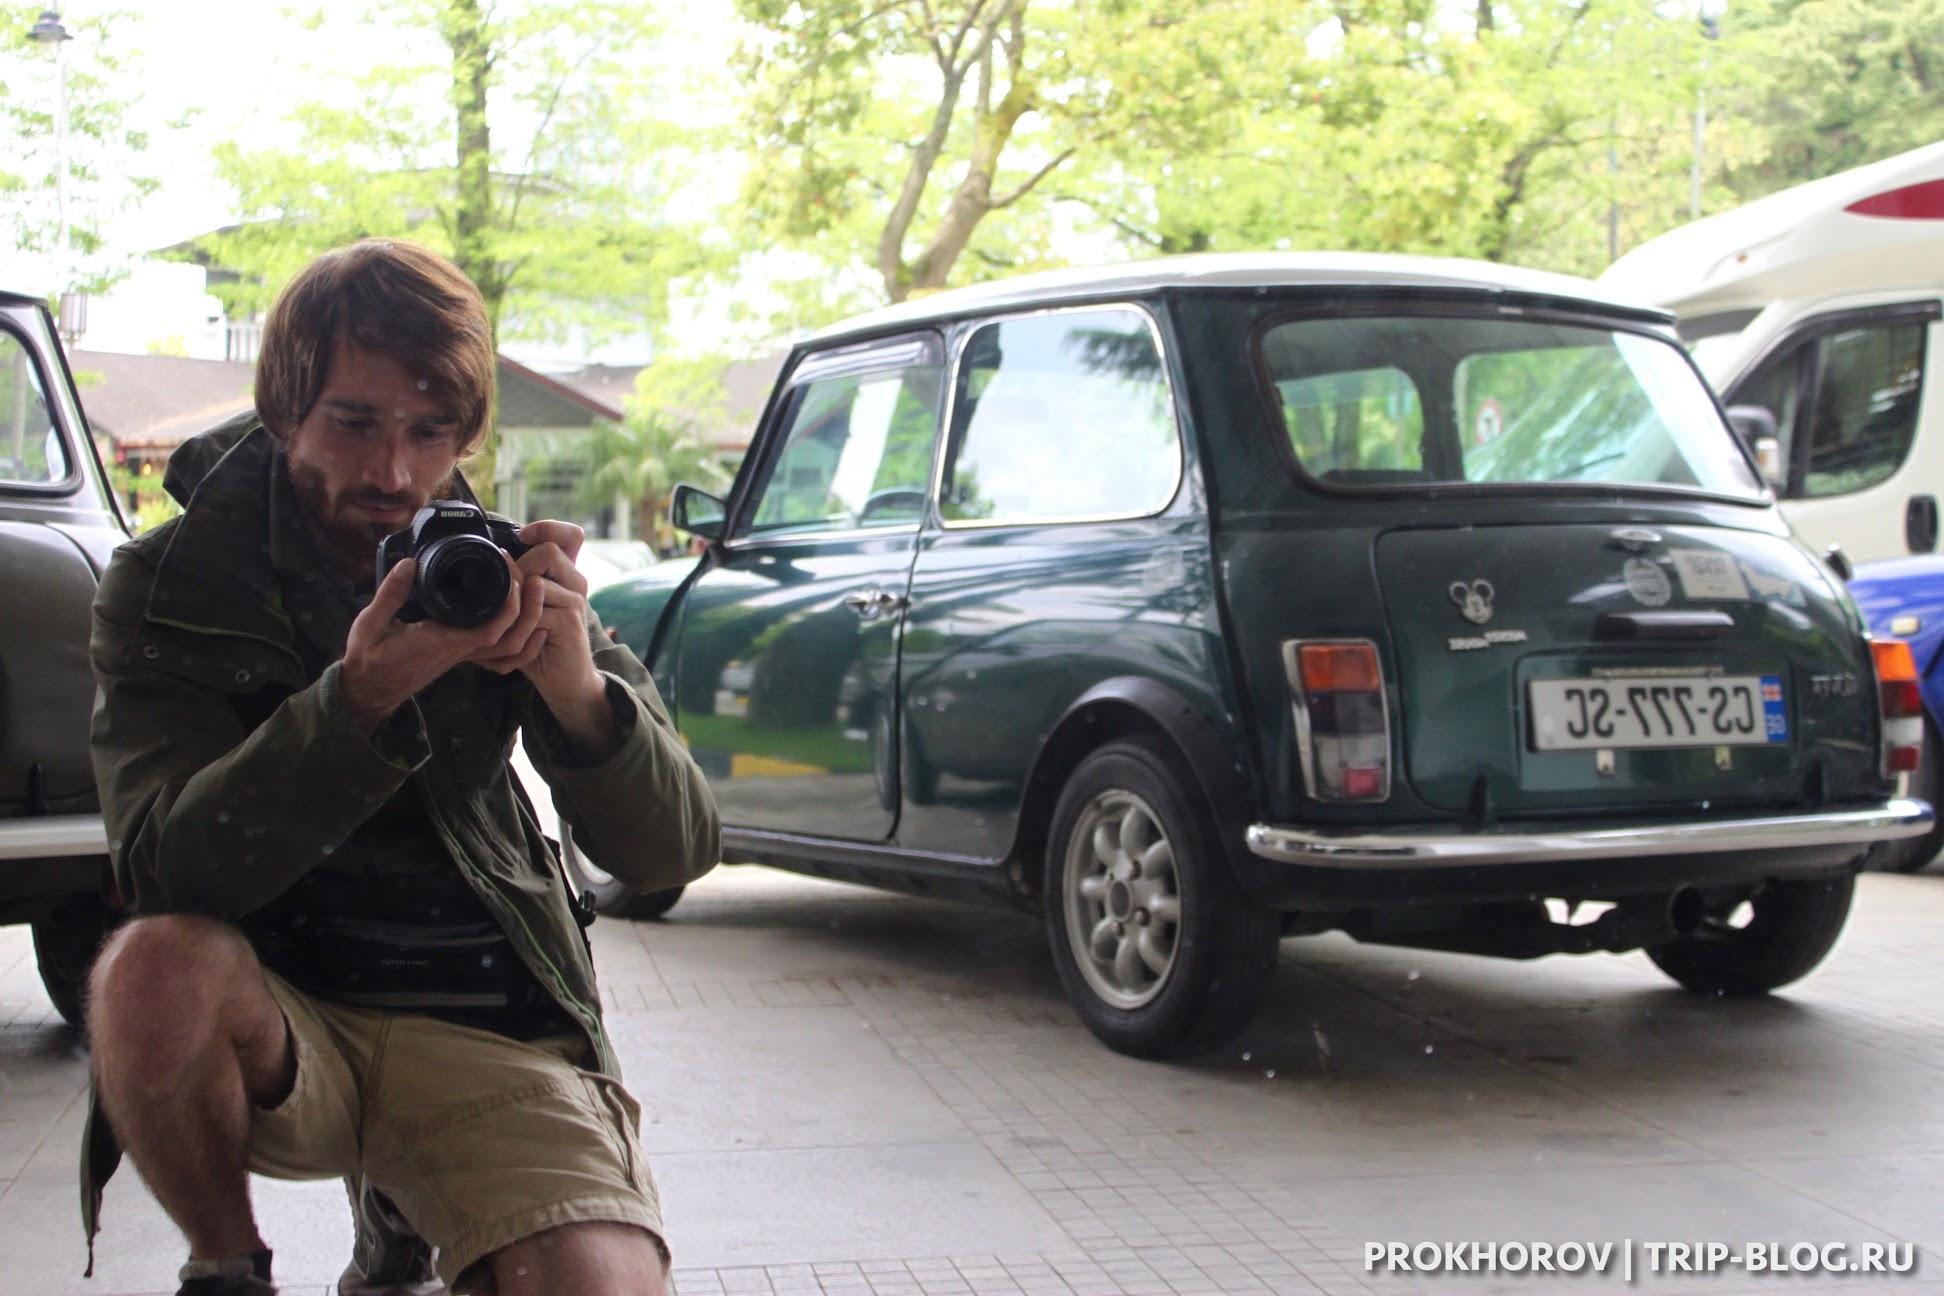 блогер Сергей Прохоров